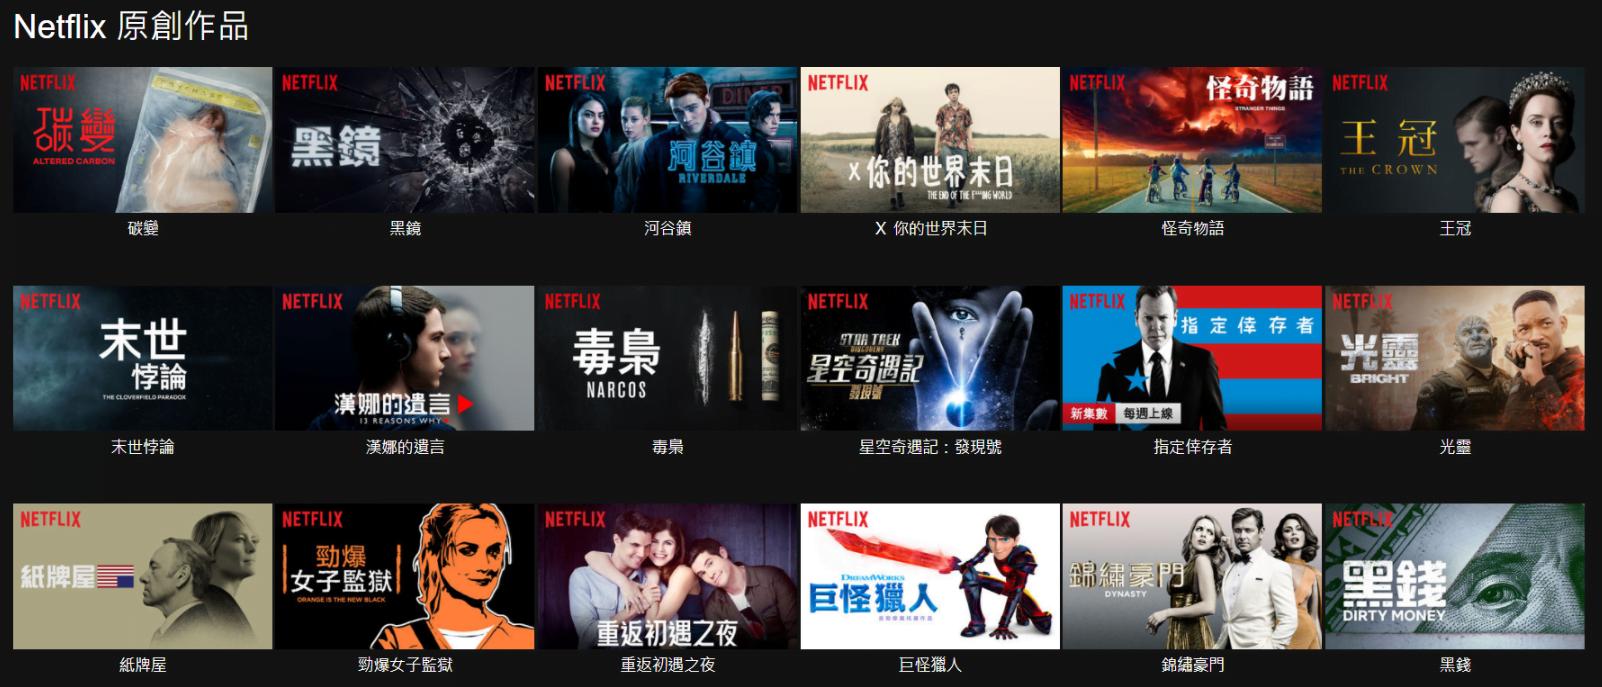 Netflix 不看 4K 畫質太可惜,3 個必備條件讓你春節連假耍廢追劇